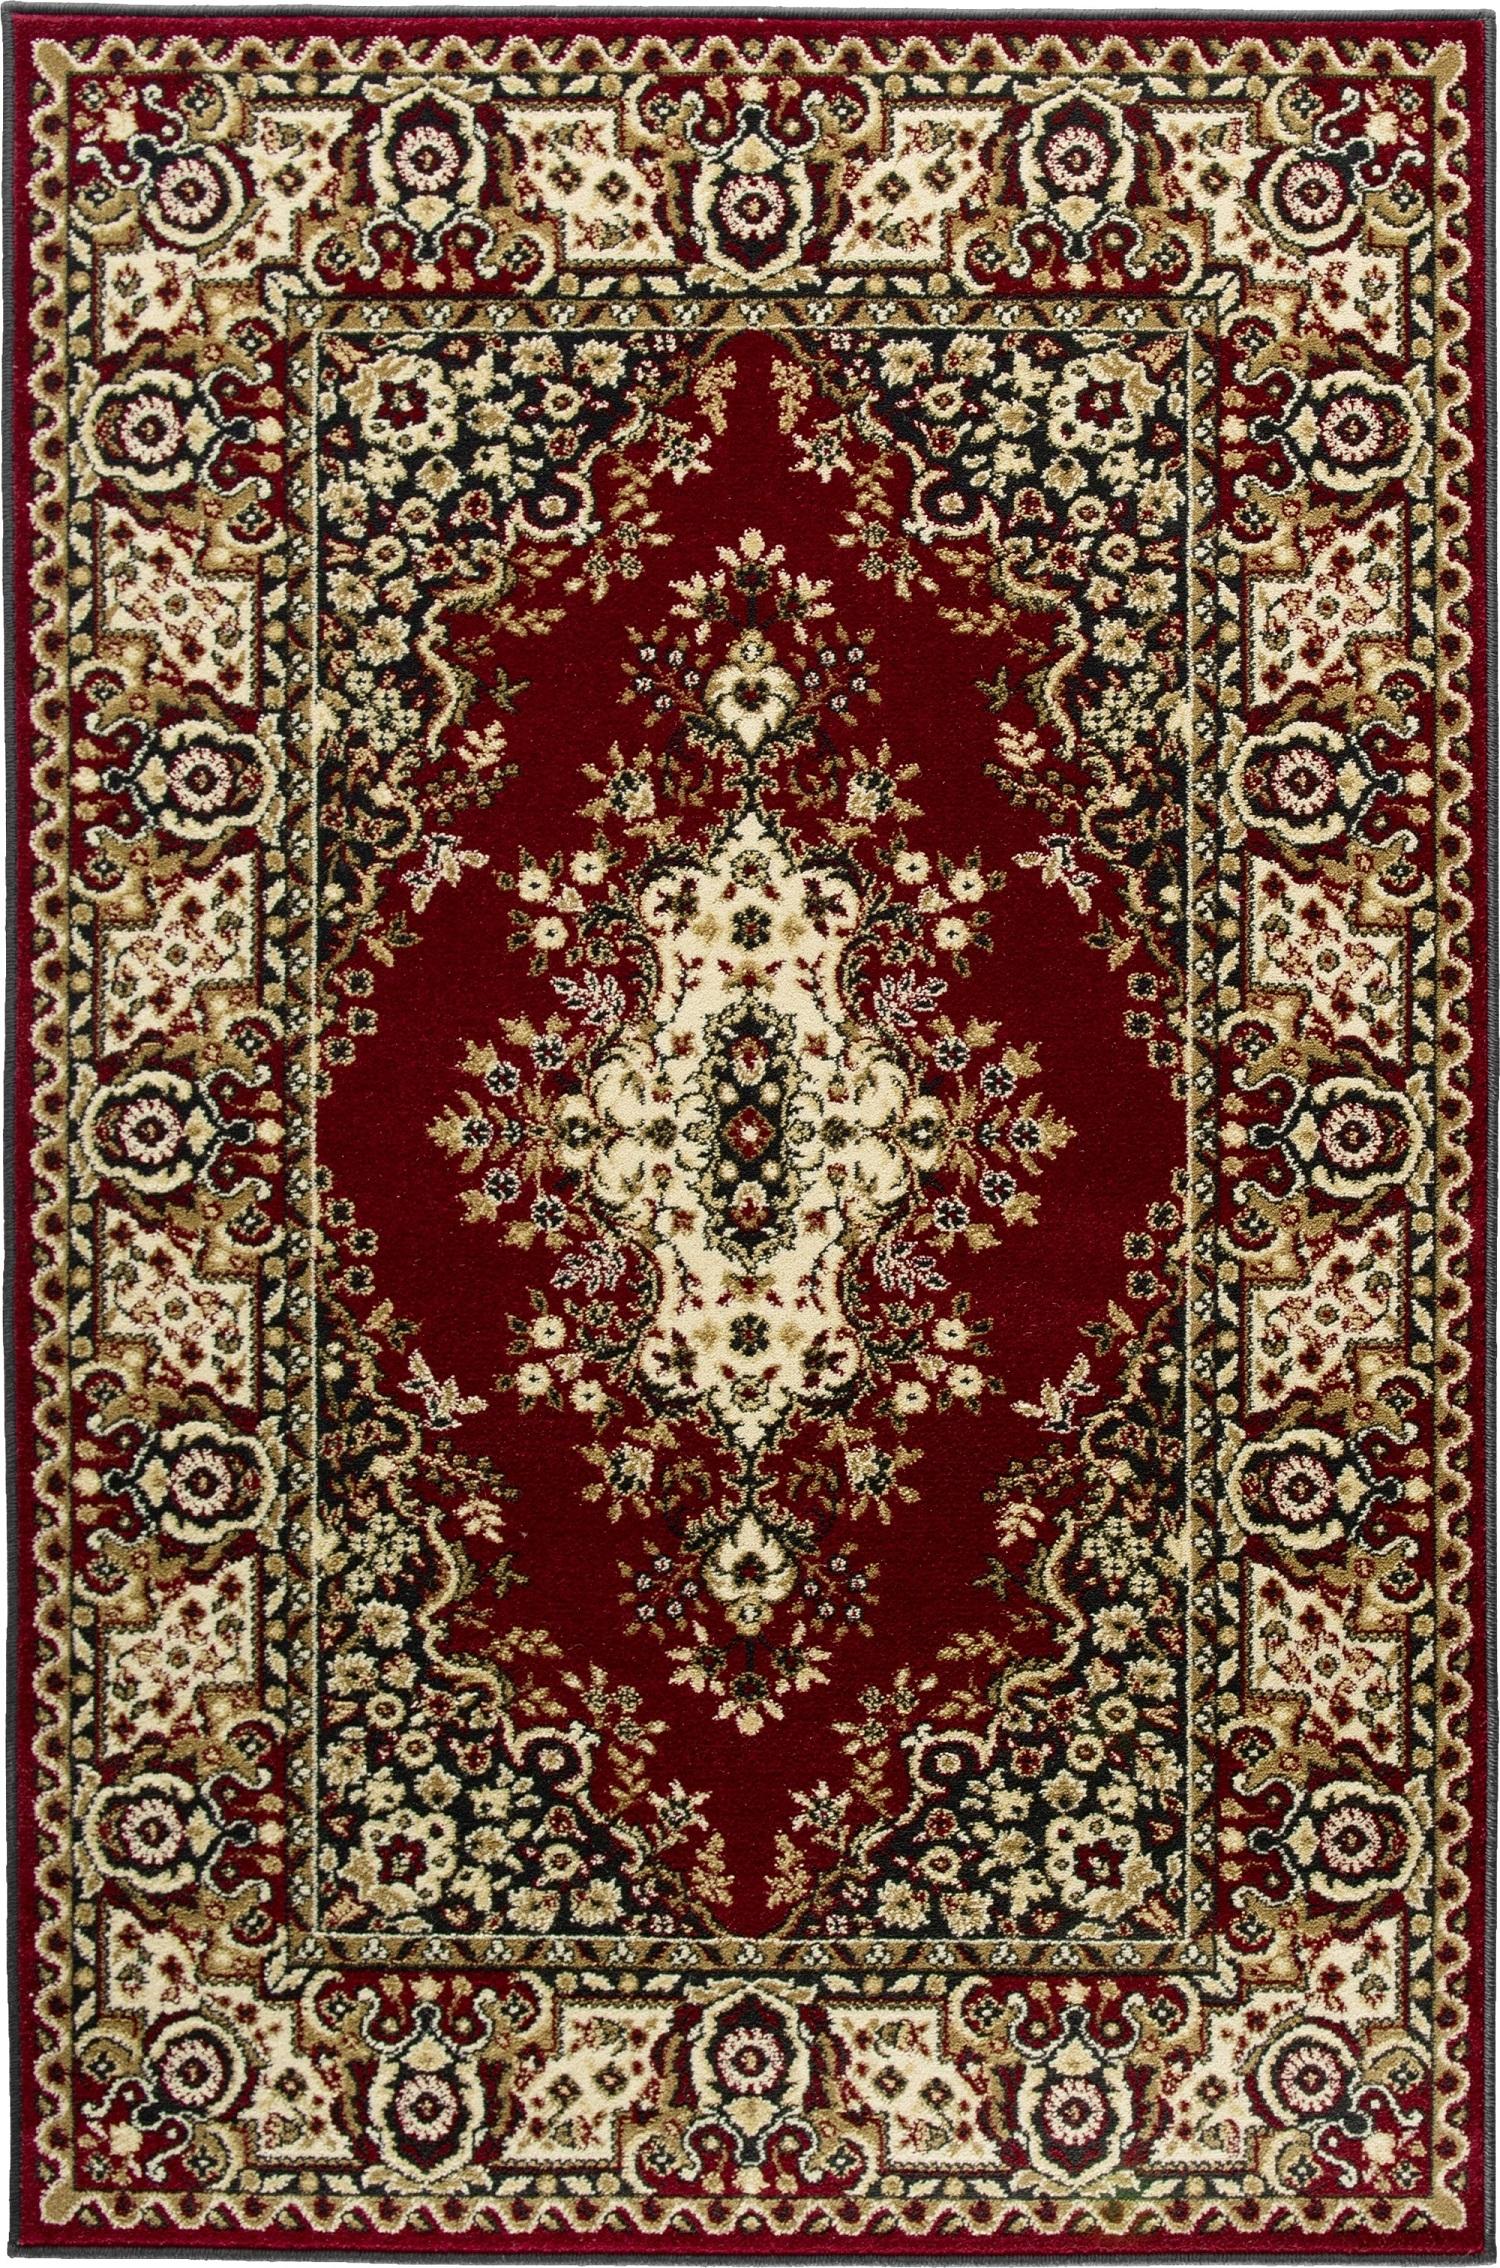 Covor Fatima Dark Red, Wilton somproduct.ro